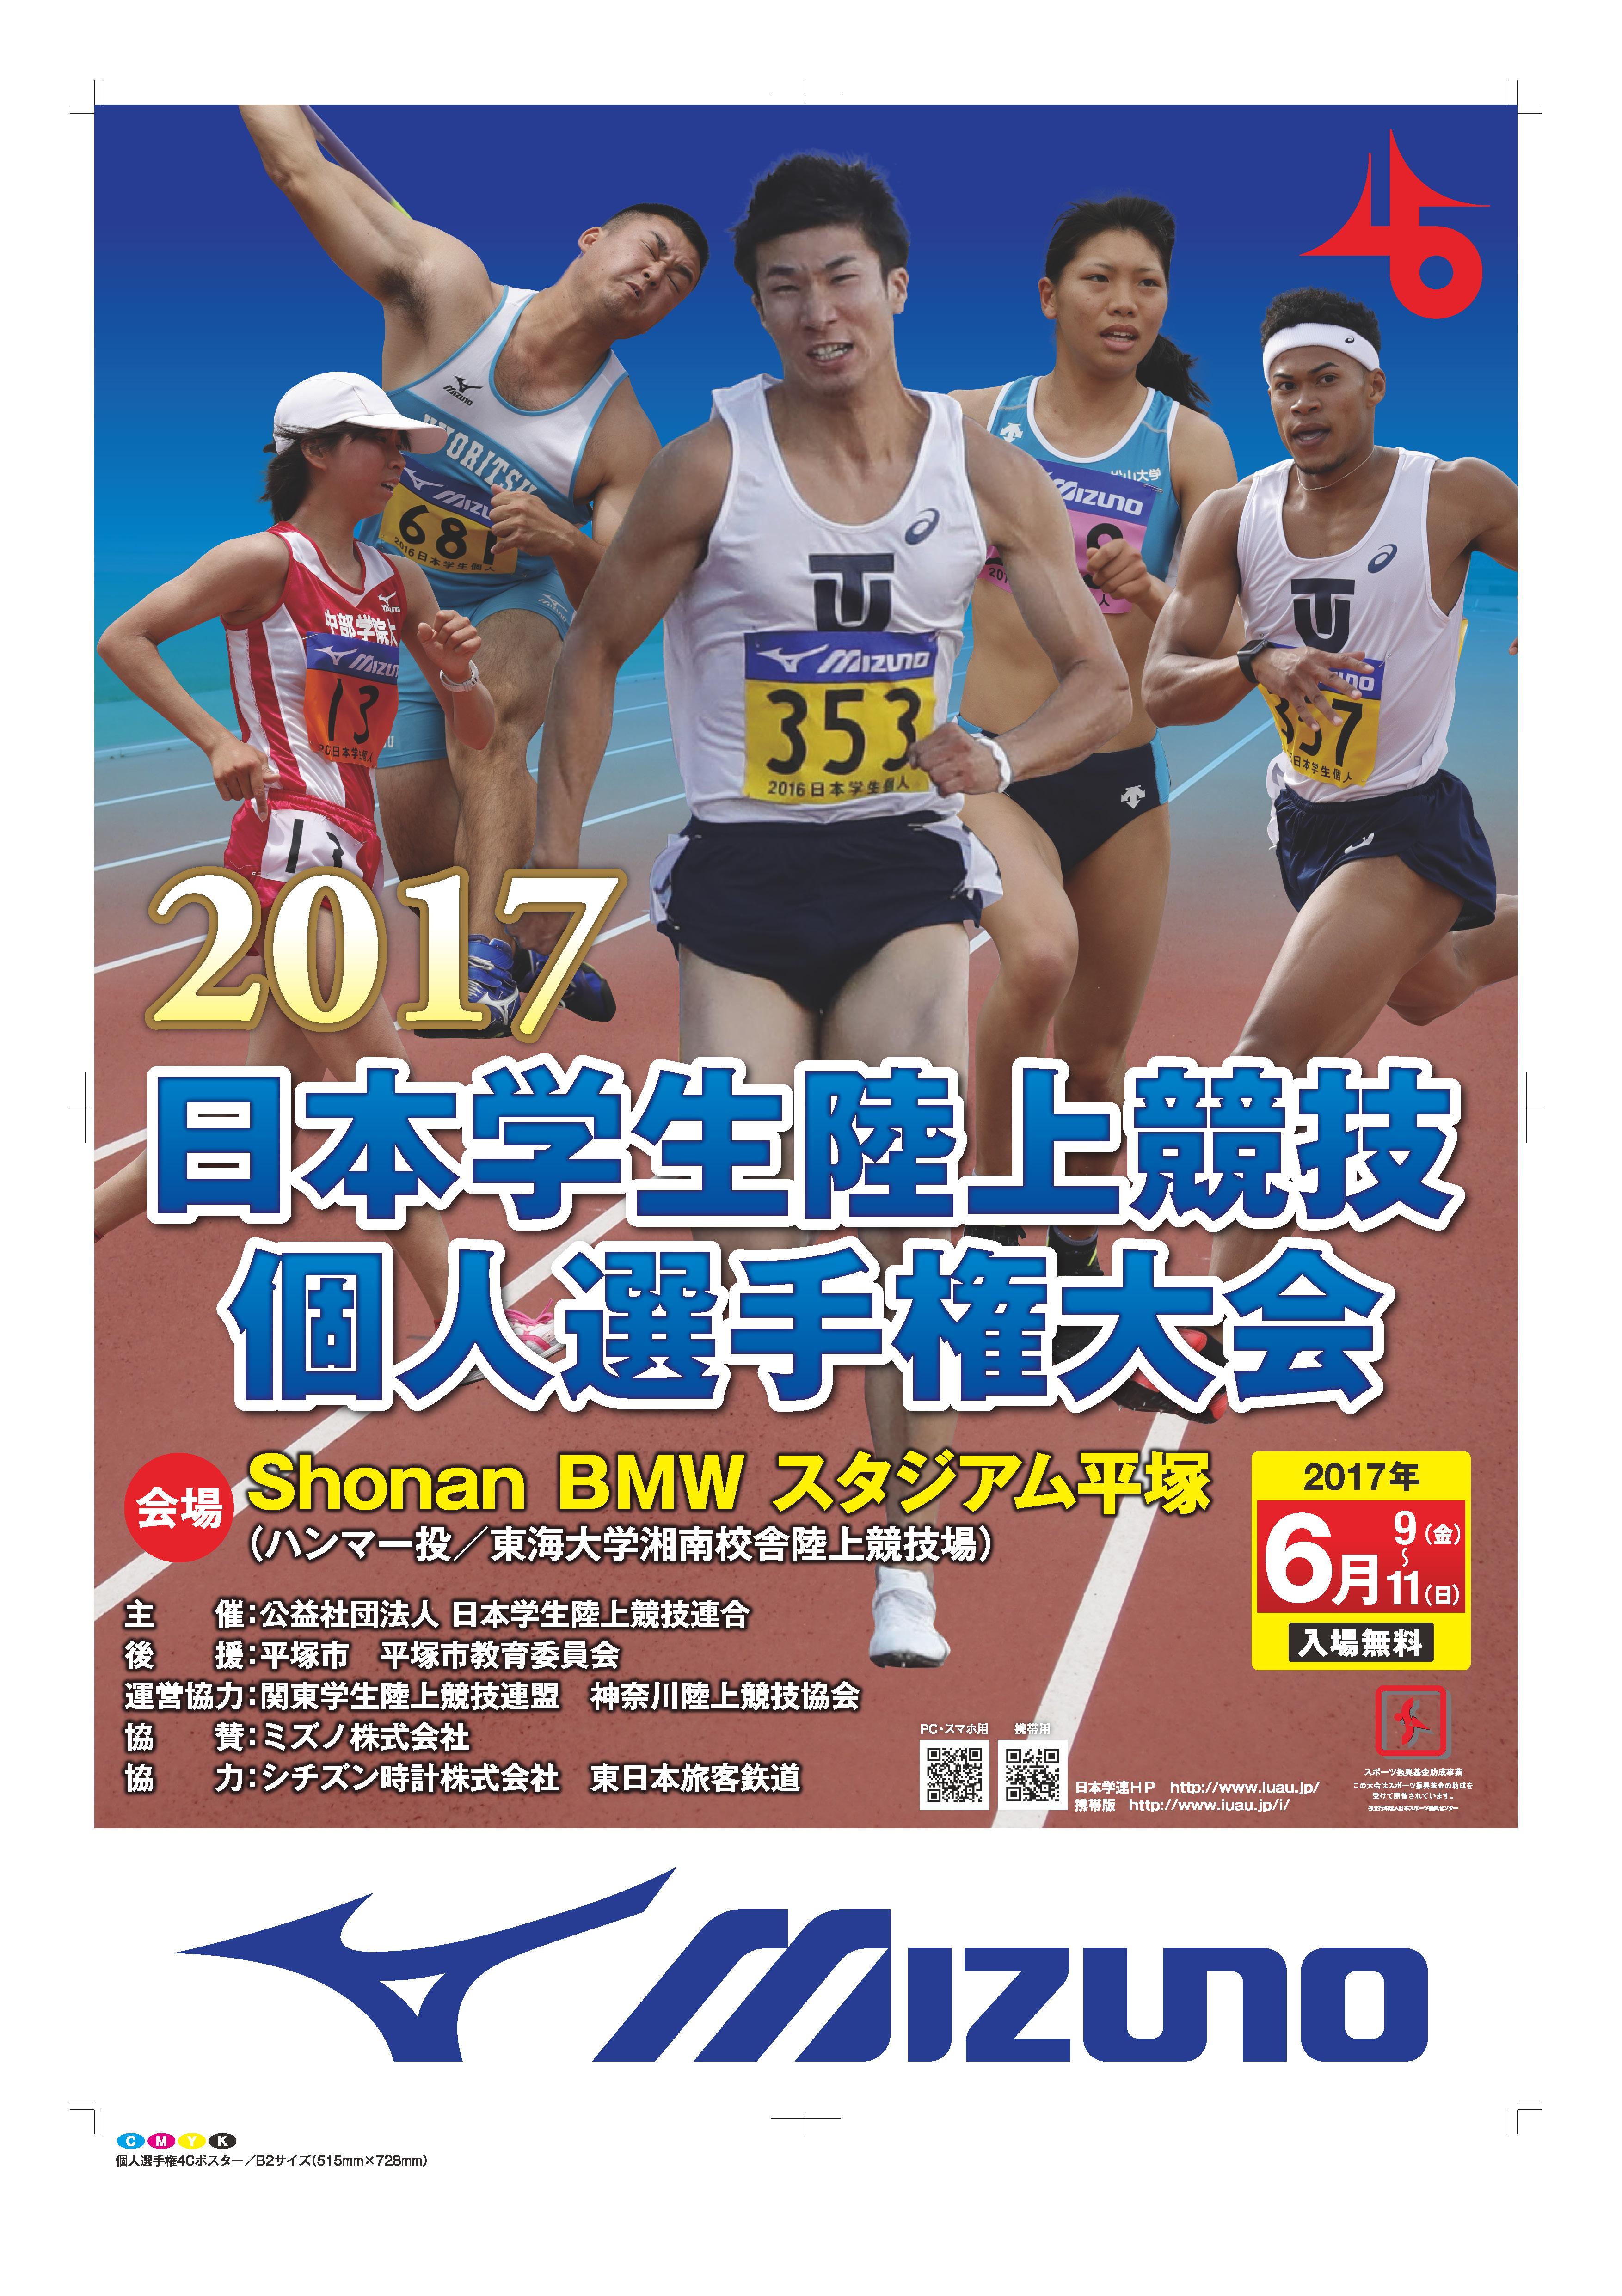 2017日本学生陸上競技個人選手権...